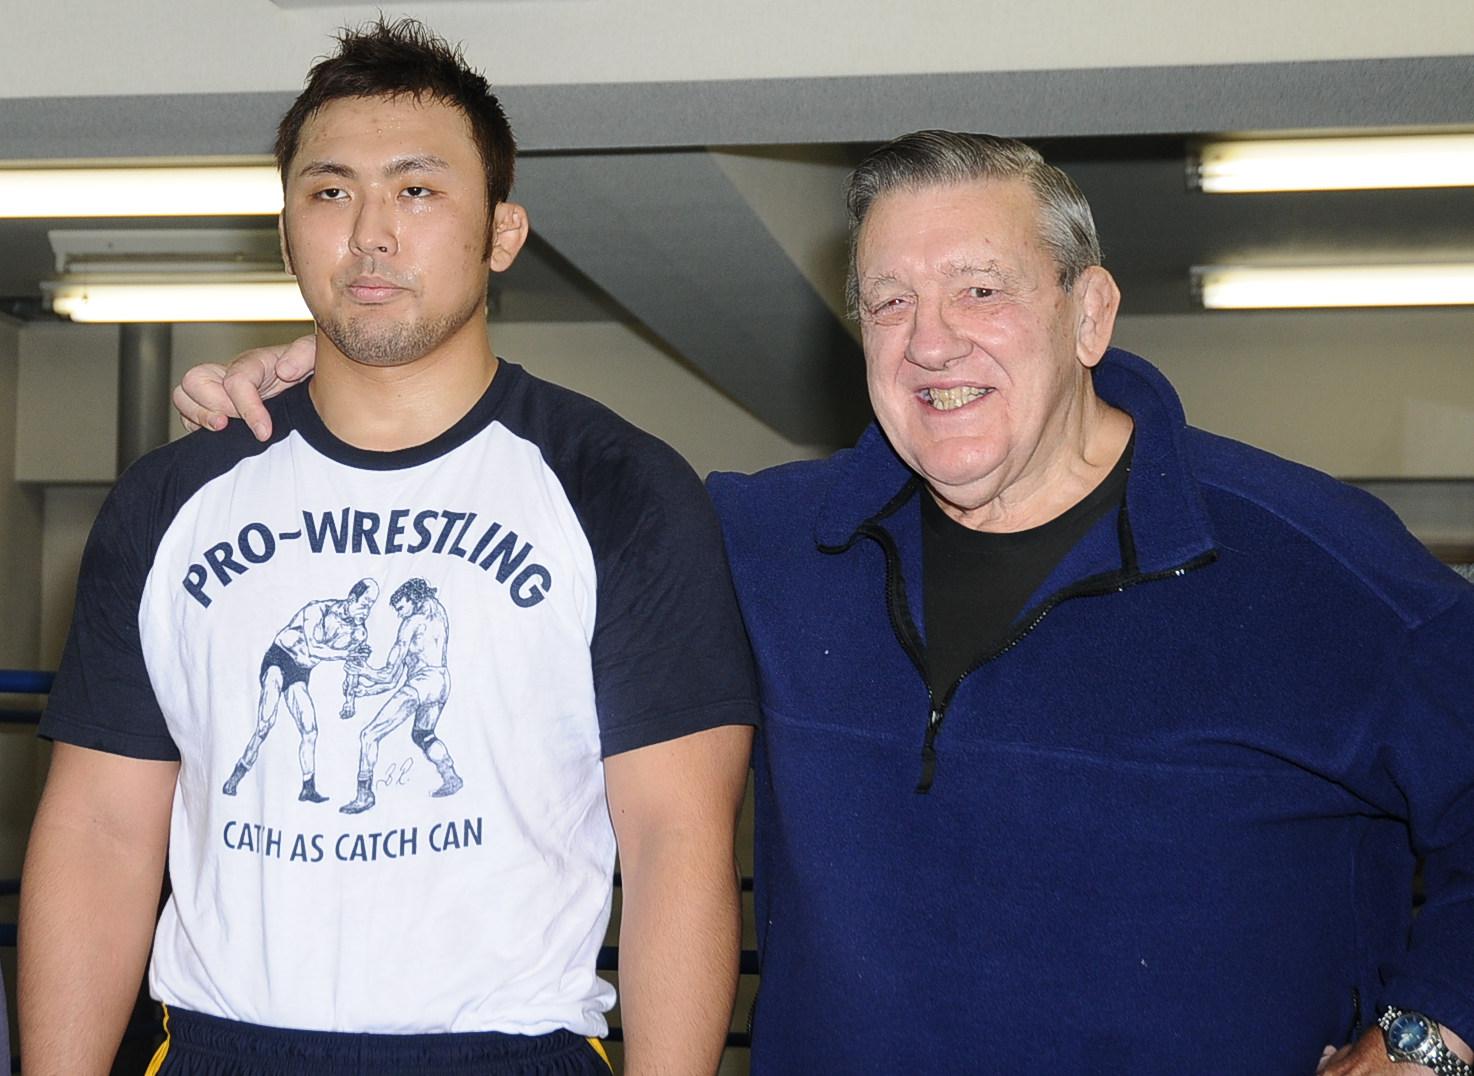 鈴木は人間風車ビル・ロビンソンから教えを受けてきた(写真は2008年11月)